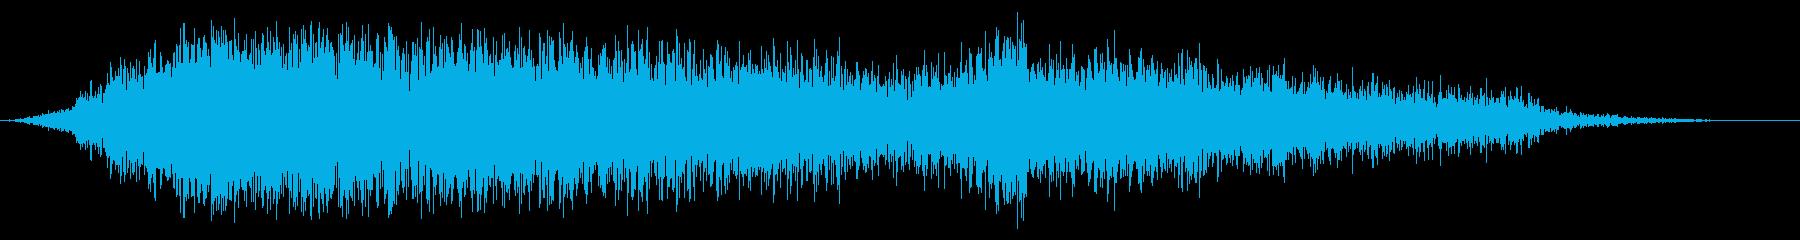 スイープ2によるアプリケーションパスの再生済みの波形